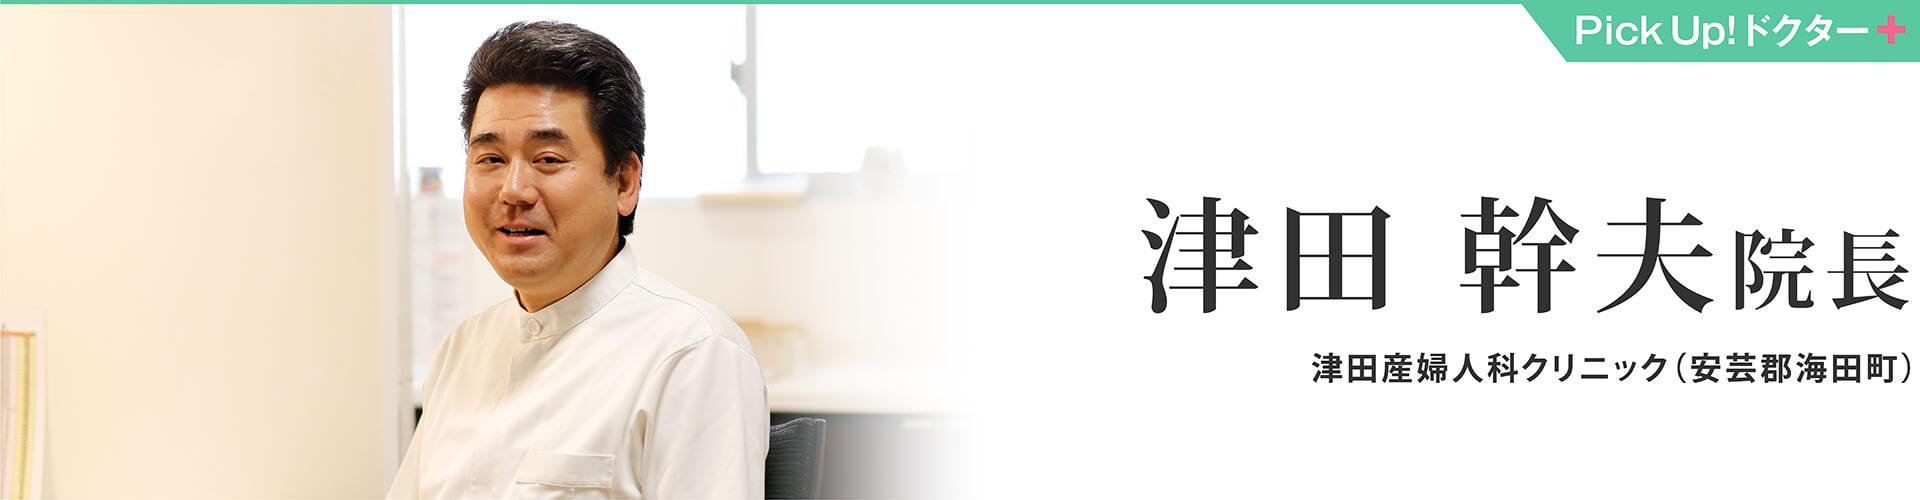 津田 幹夫院長 津田産婦人科クリニック(安芸郡海田町)